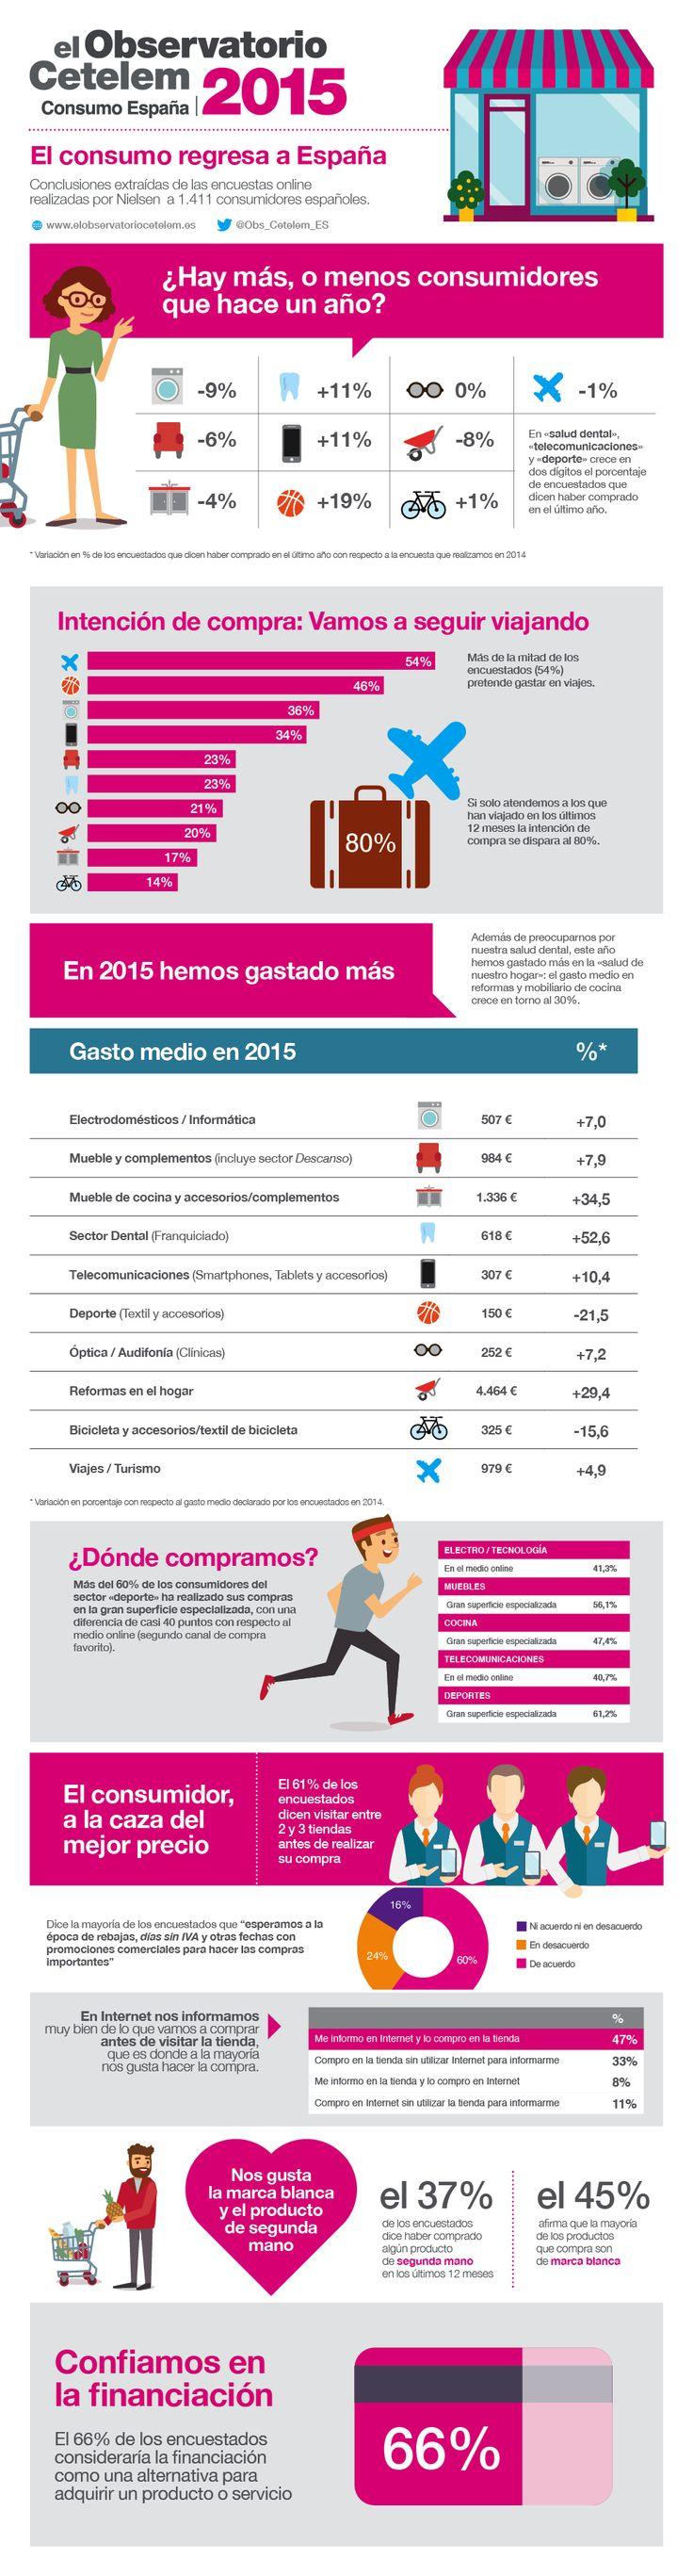 El consumo regresa a España - Infografía resumen del informe del Observatorio Cetelem Consumo en España 2015